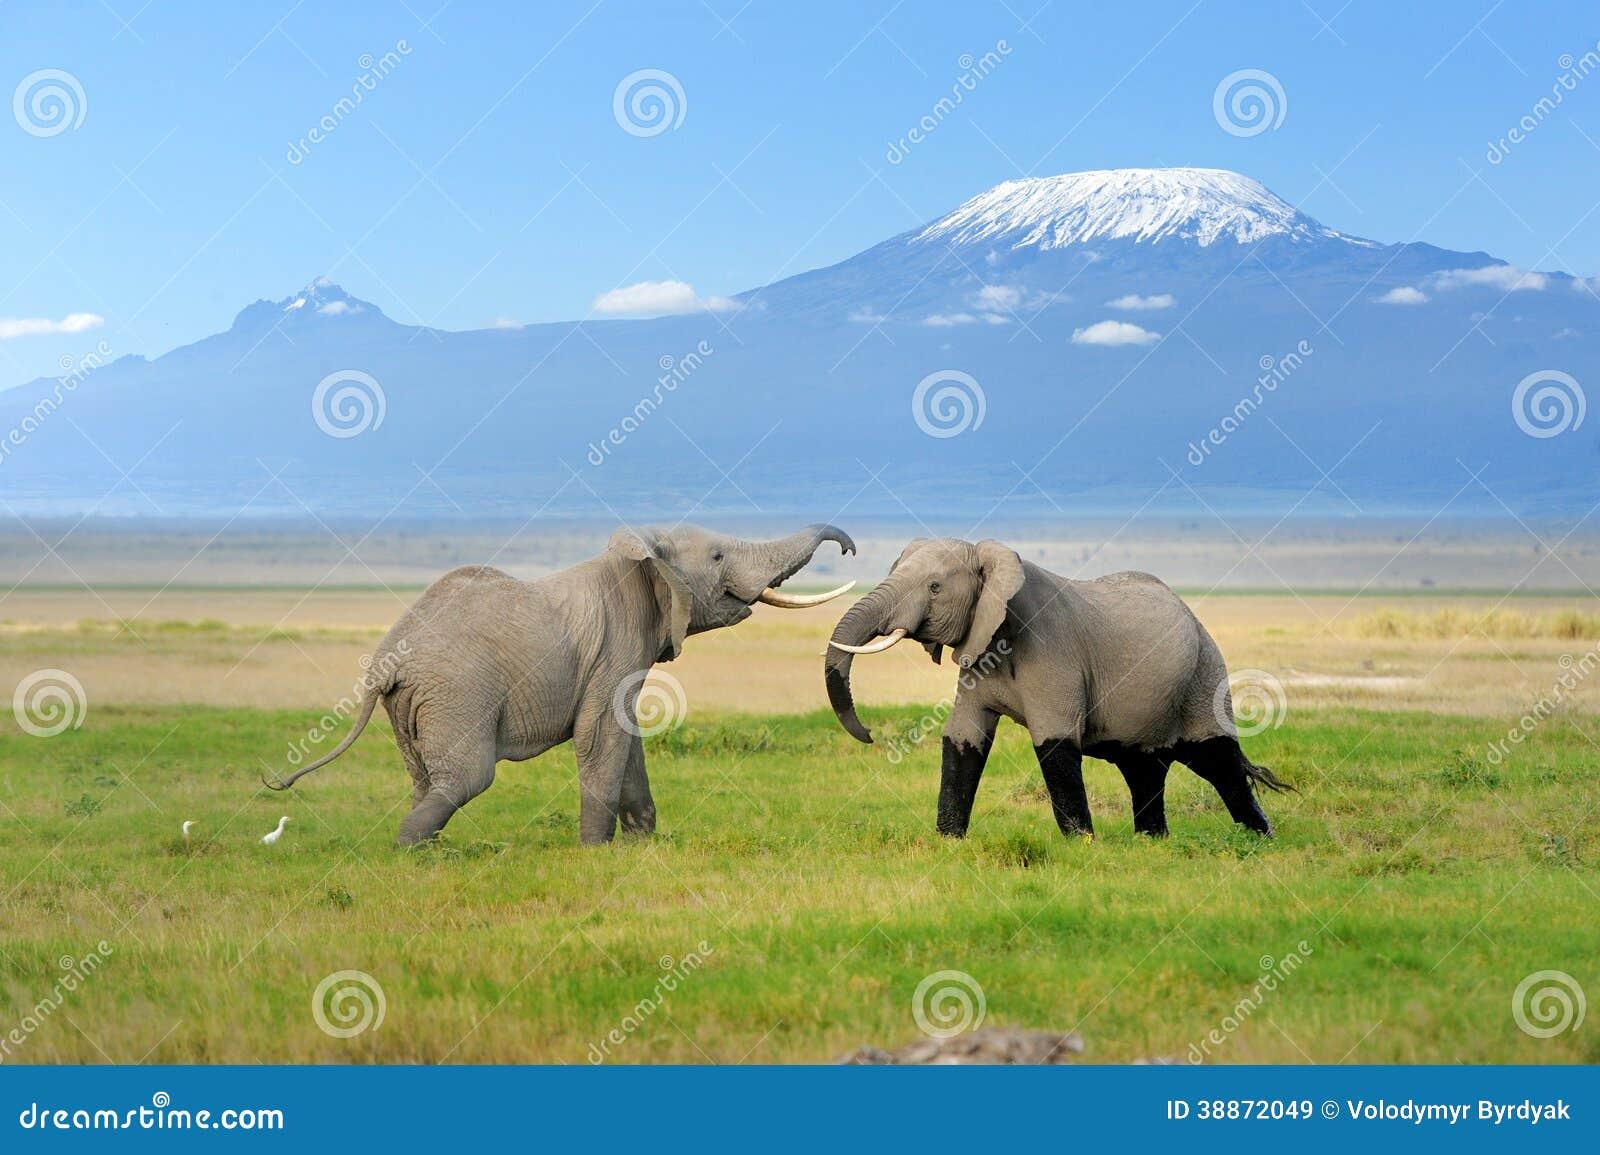 elephant with mount kilimanjaro stock photo image 38872049